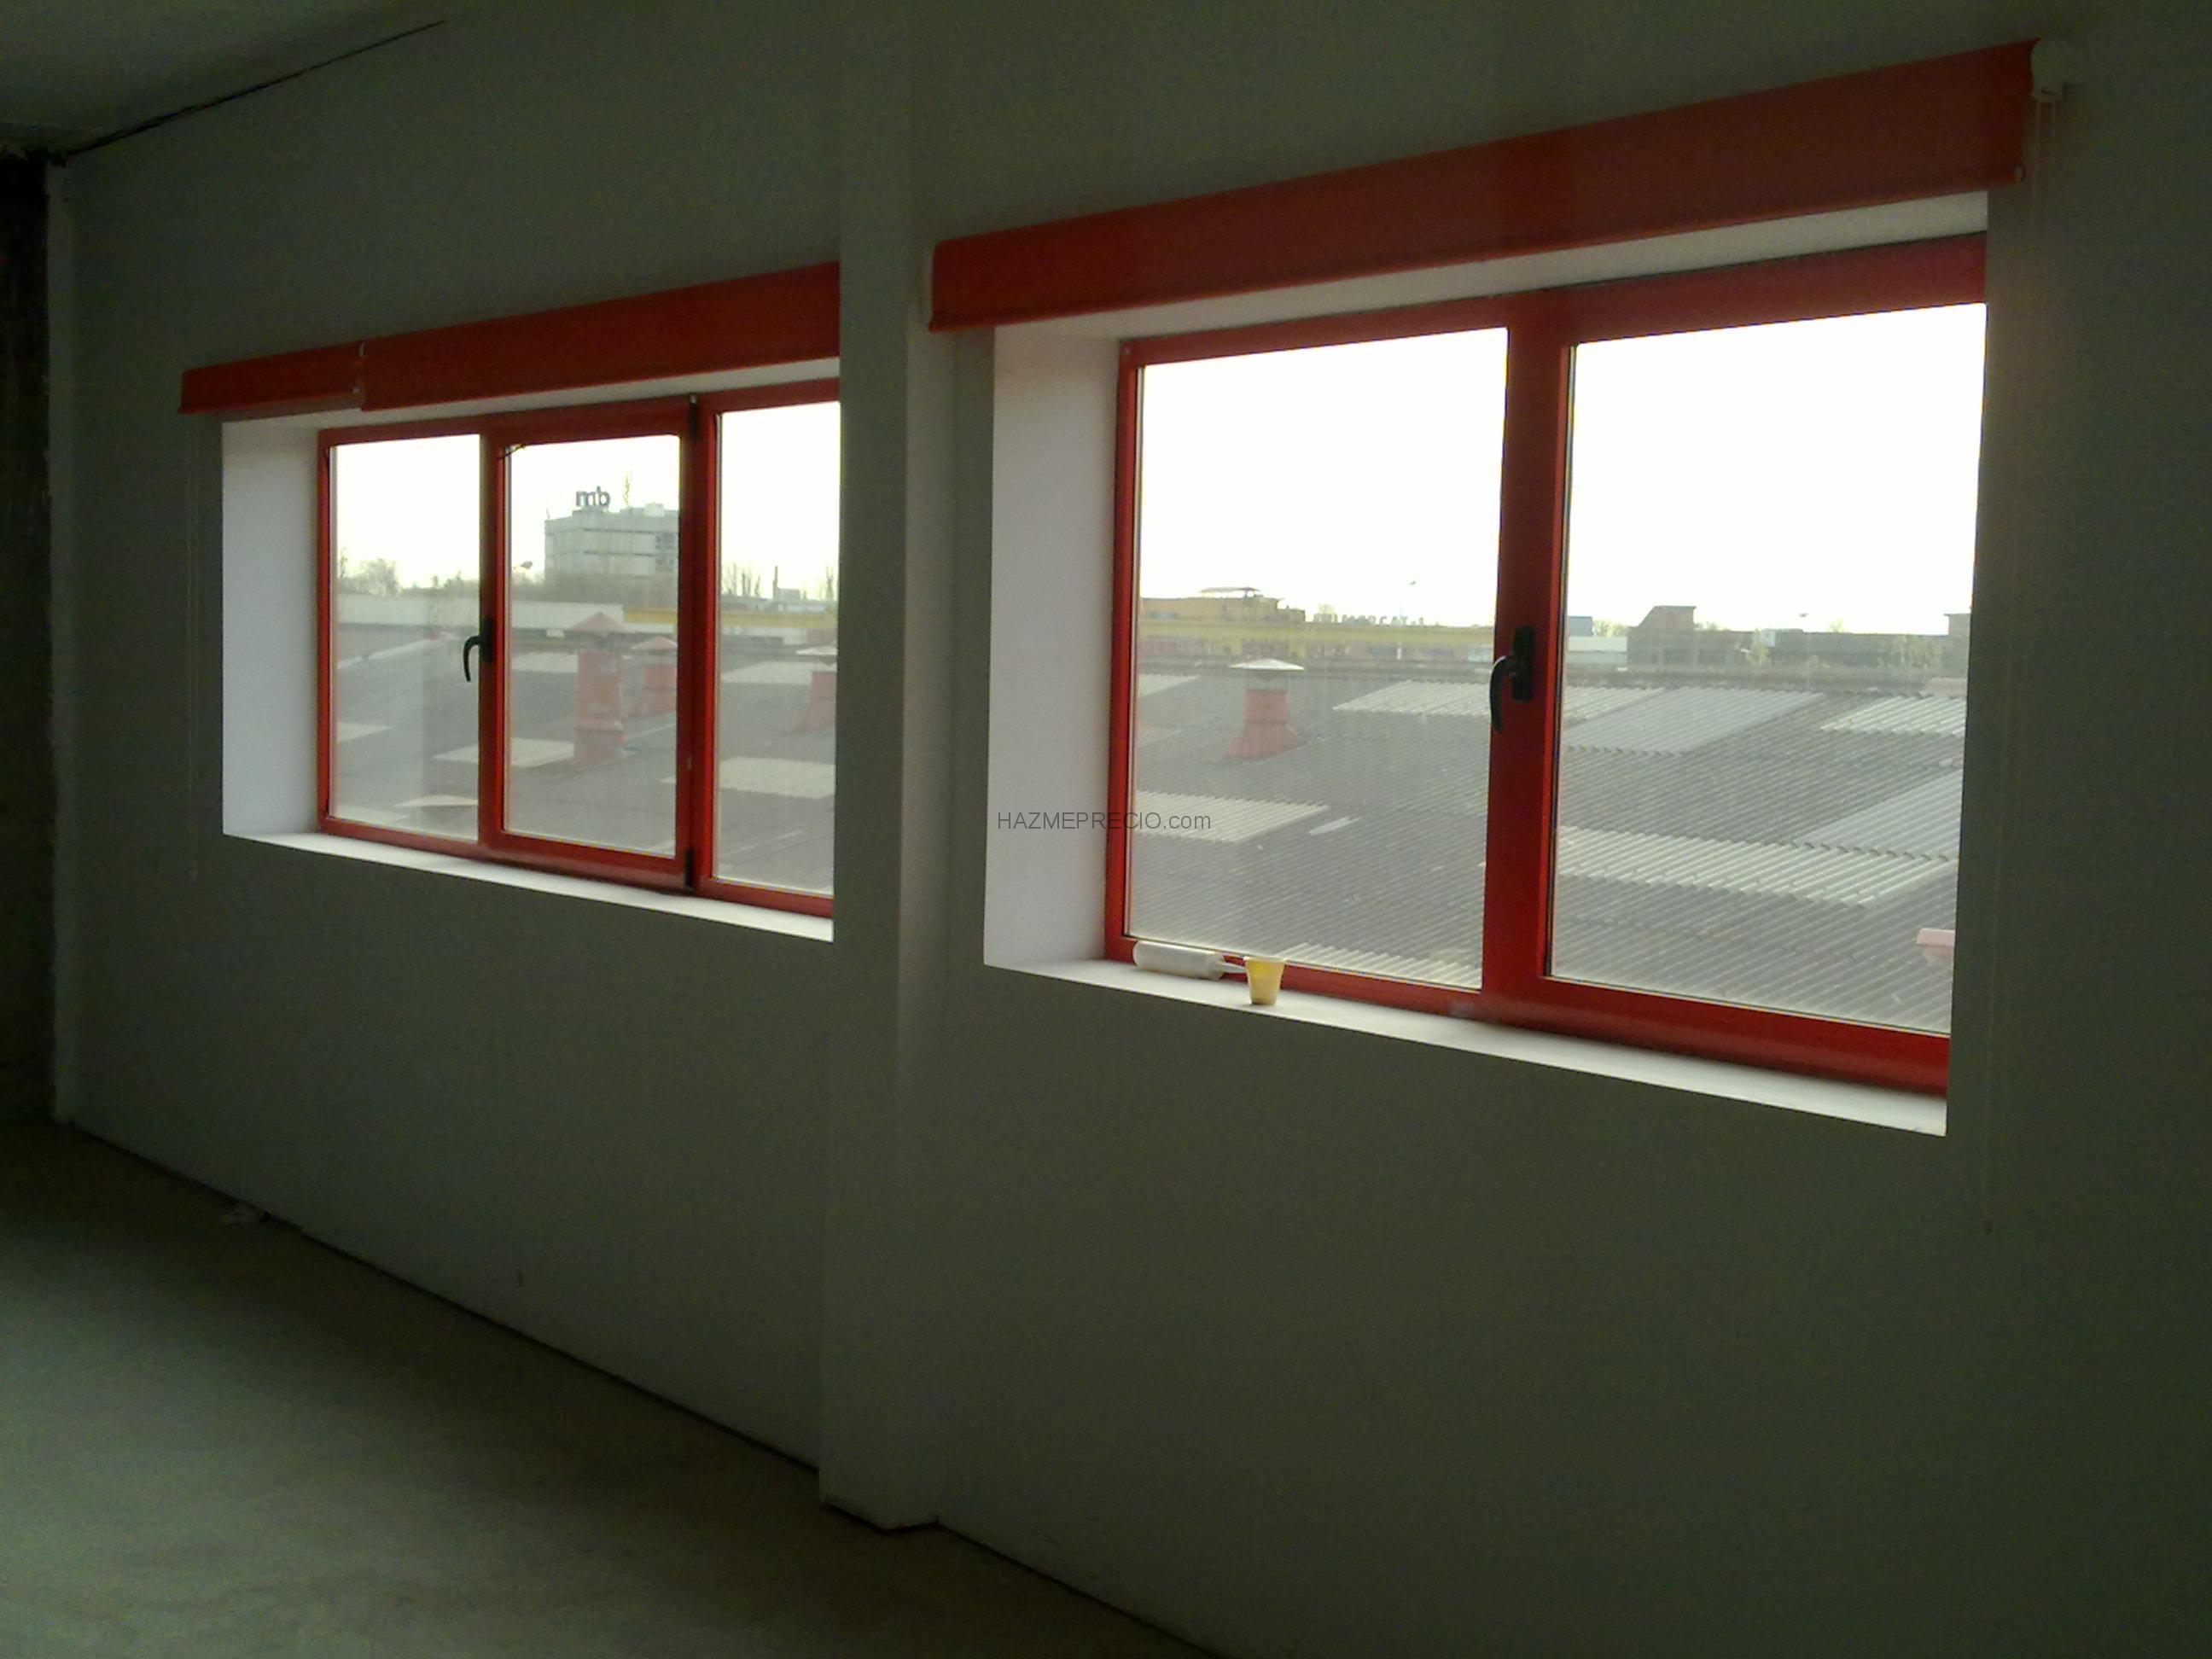 Presupuesto para poner ventana oscilo batientes en for Ventanales de aluminio zona sur